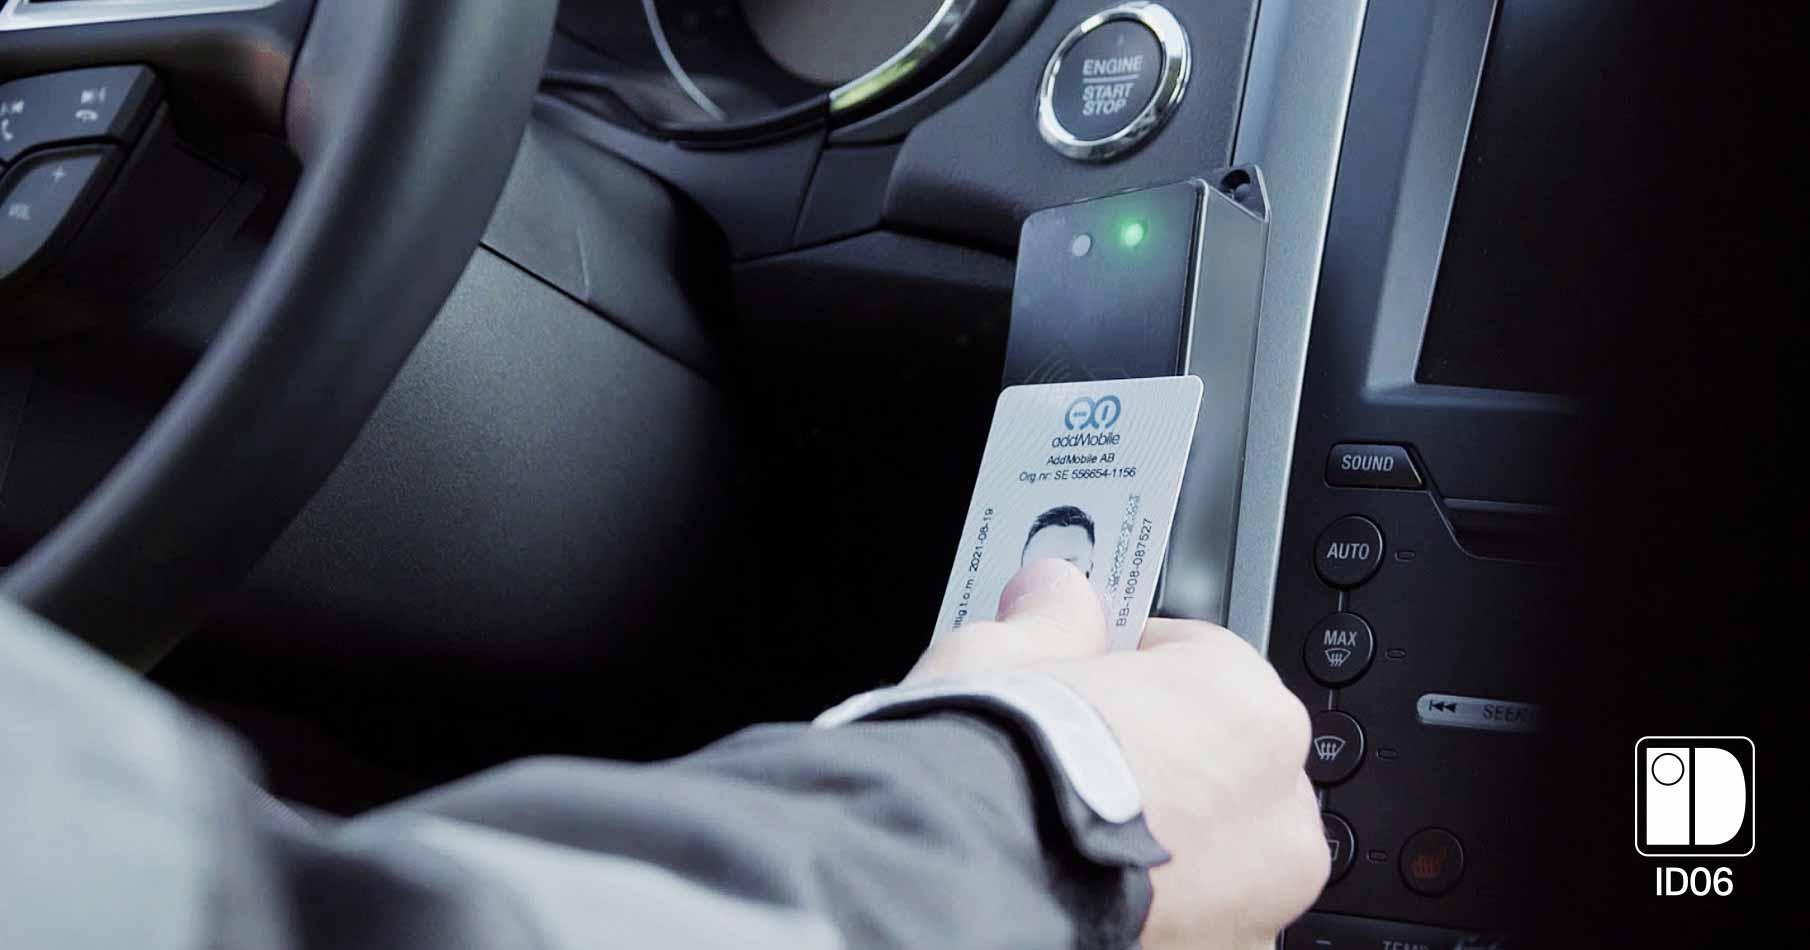 Närbild på en svart kortläsare i personbild och en förare som lagt sitt ID06-kort på kortläsaren